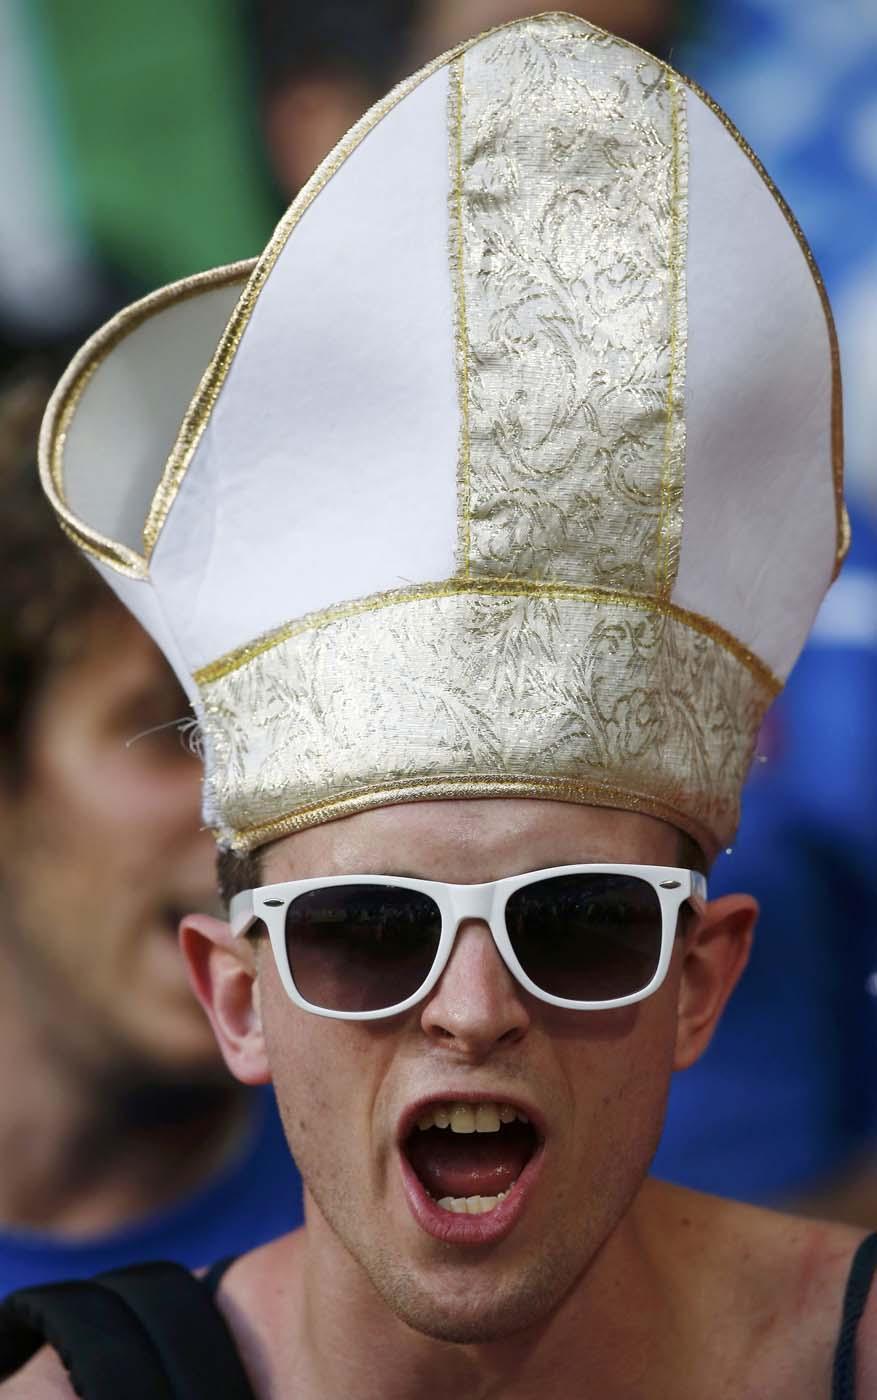 REU SOCCER EURO  035 Euro de football 2012 | Au delà des matchs #5 : Supporters de l'Euro